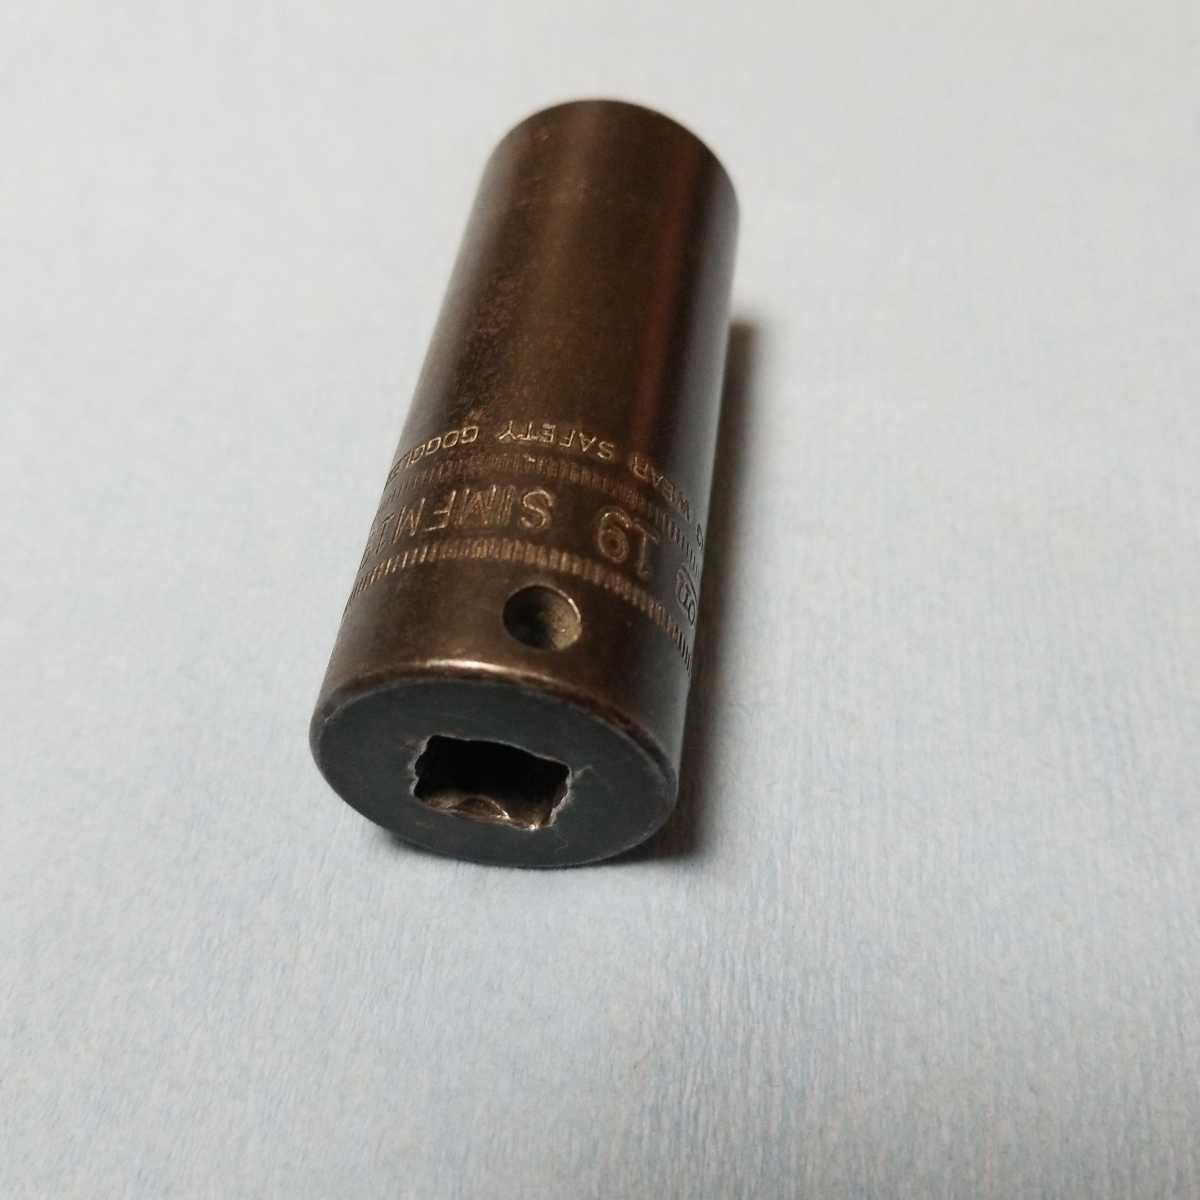 3/8 ディープ 19mm スナップオン インパクト ソケット SIMFML19 中古品 保管品 SNAP-ON SNAPON ディープソケット ソケットレンチ 旧ロゴ 6P_画像2